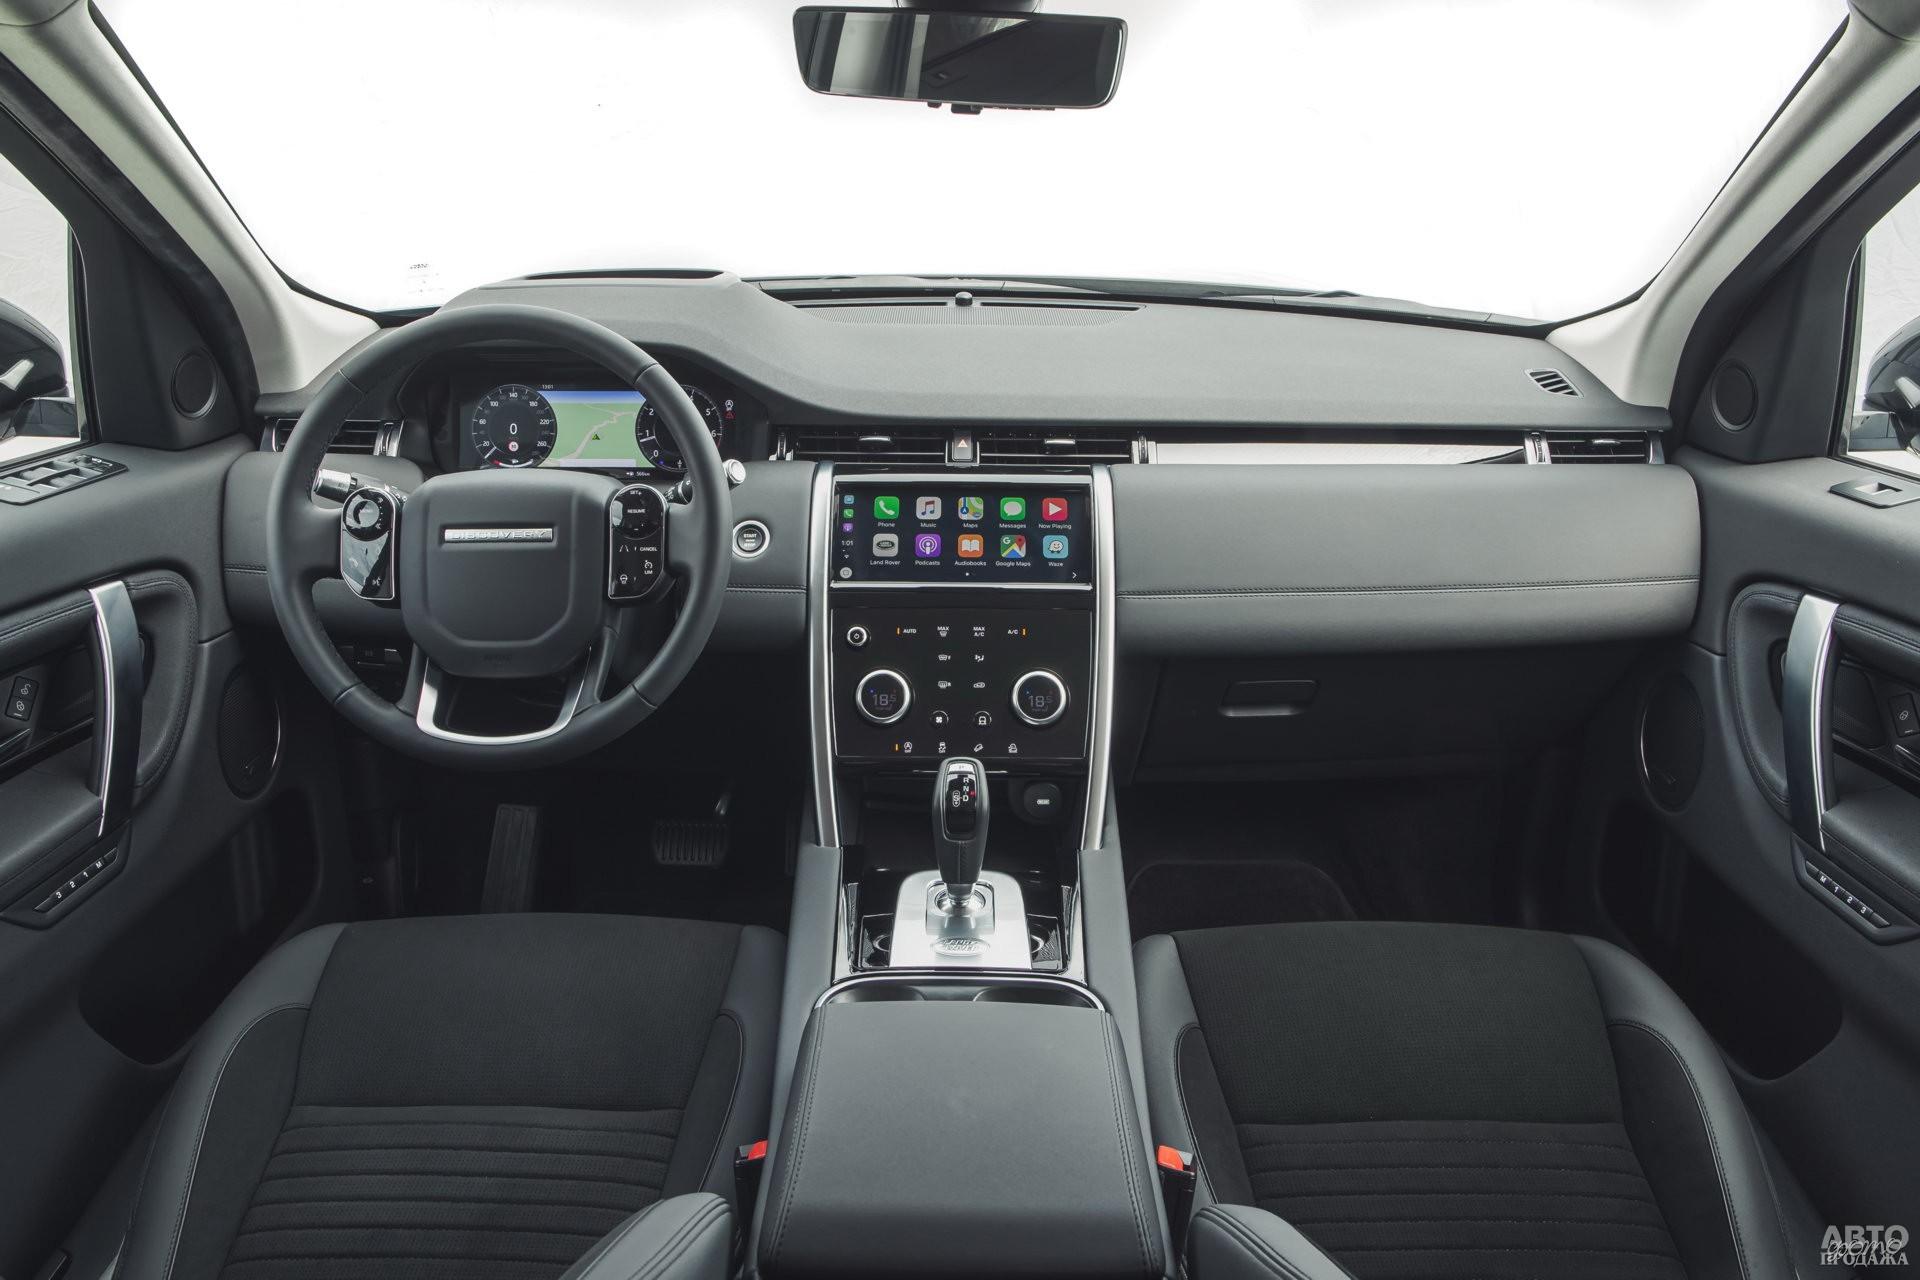 Приборная панель Lаnd Rover – цифровая, а кнопки на центральной панели – сенсорные